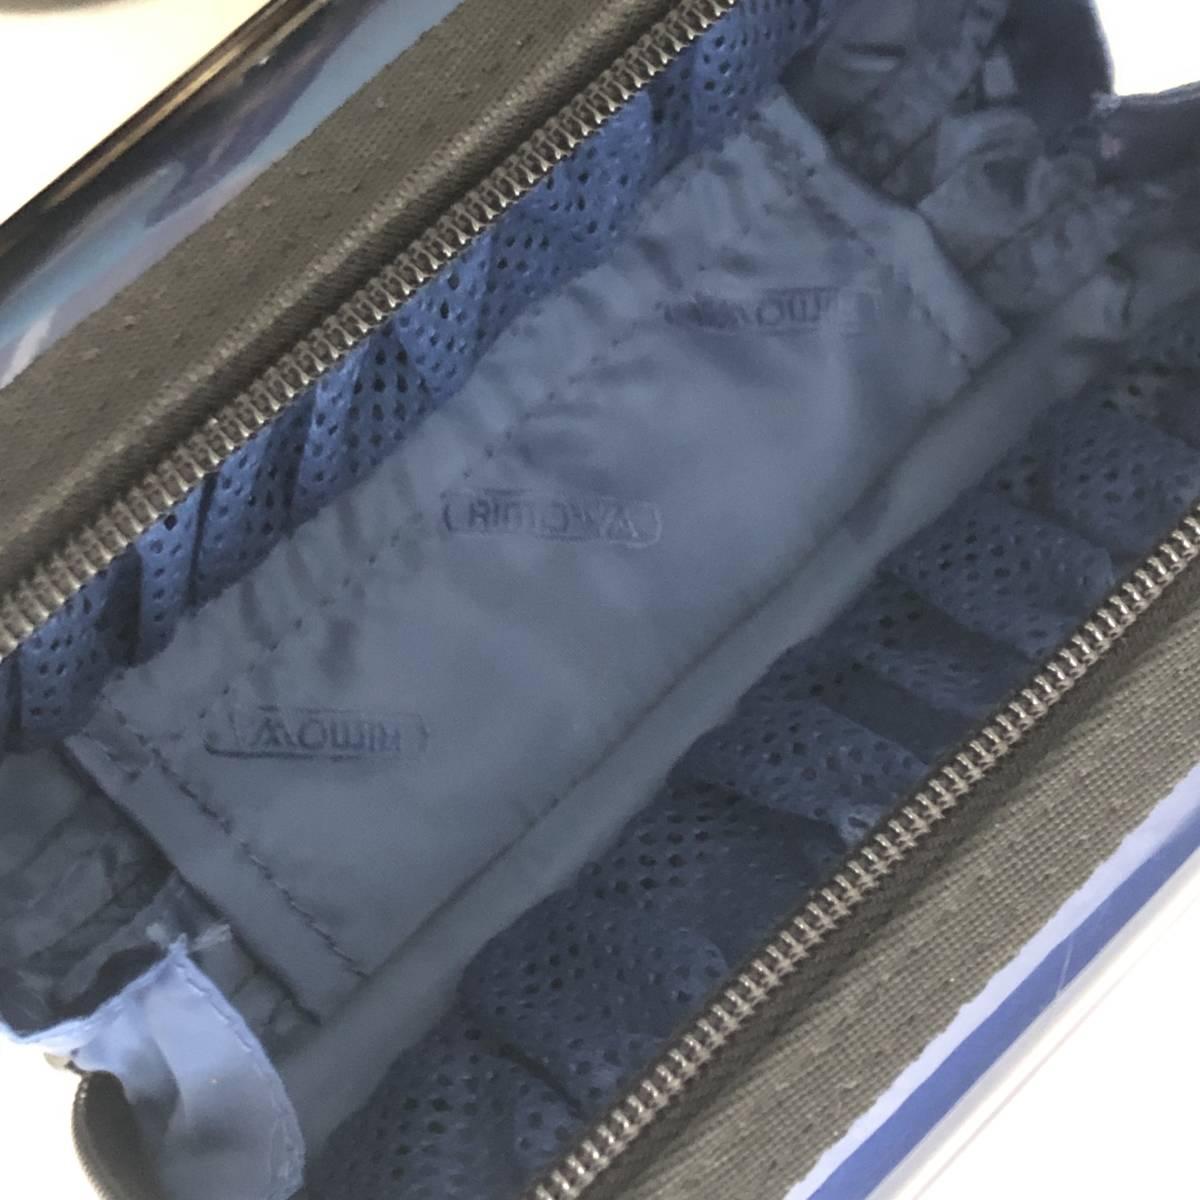 【値下交渉あり】RIMOWA×ANA リモワ 日本航空 アナ ファーストクラス限定配布 非売品 アメニティケース 希少なブルー 確実本物正規品_画像4